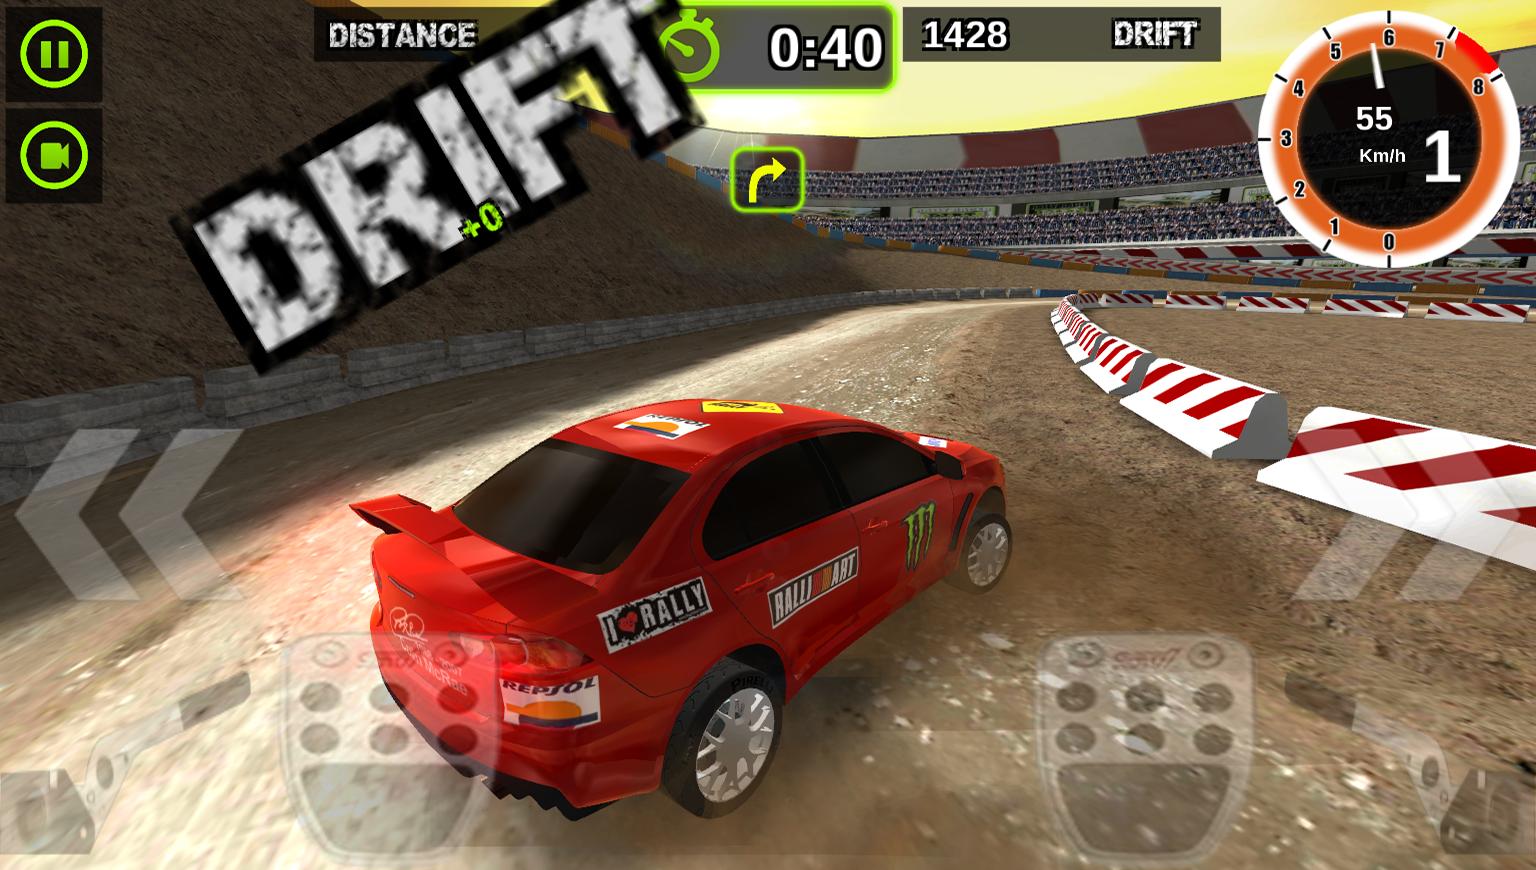 Rally Racer Dirt v1.3.7 Android Hileli Full Apk İndir